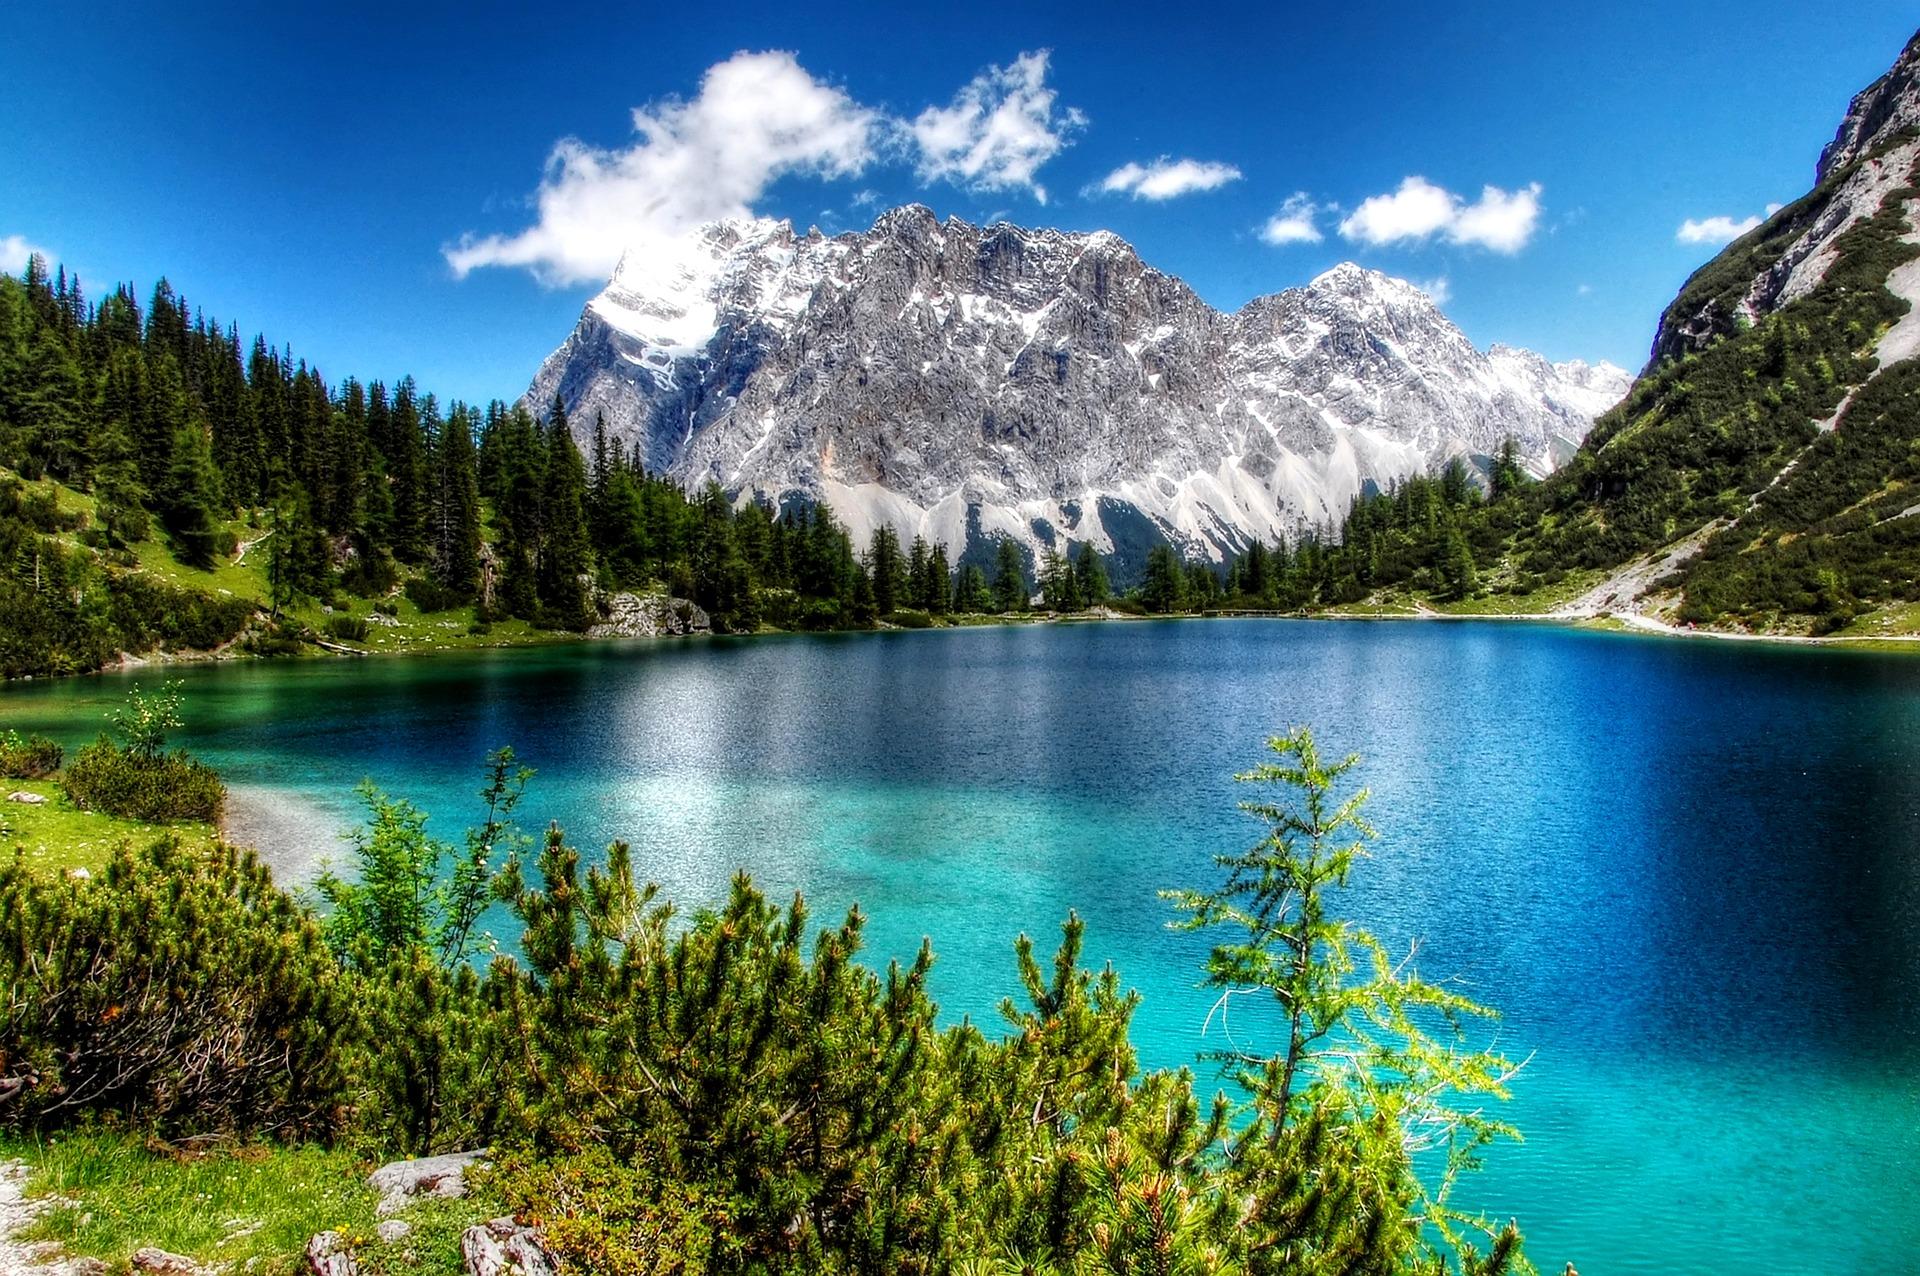 Passez vos gandes vacances 2019 à la montagne grâce aux promotions !